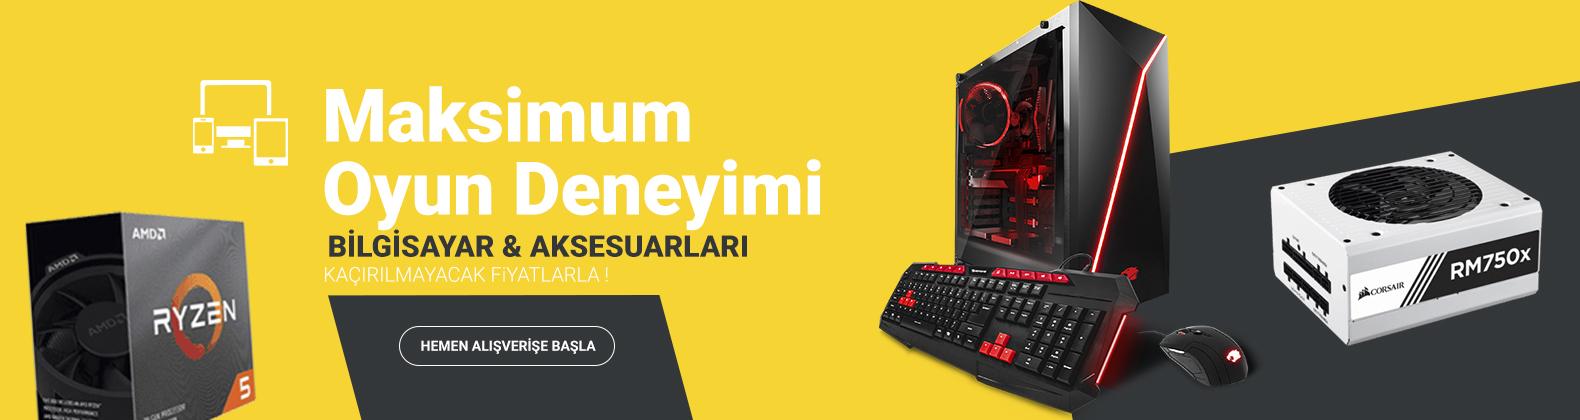 Bilgisayar Ağustos